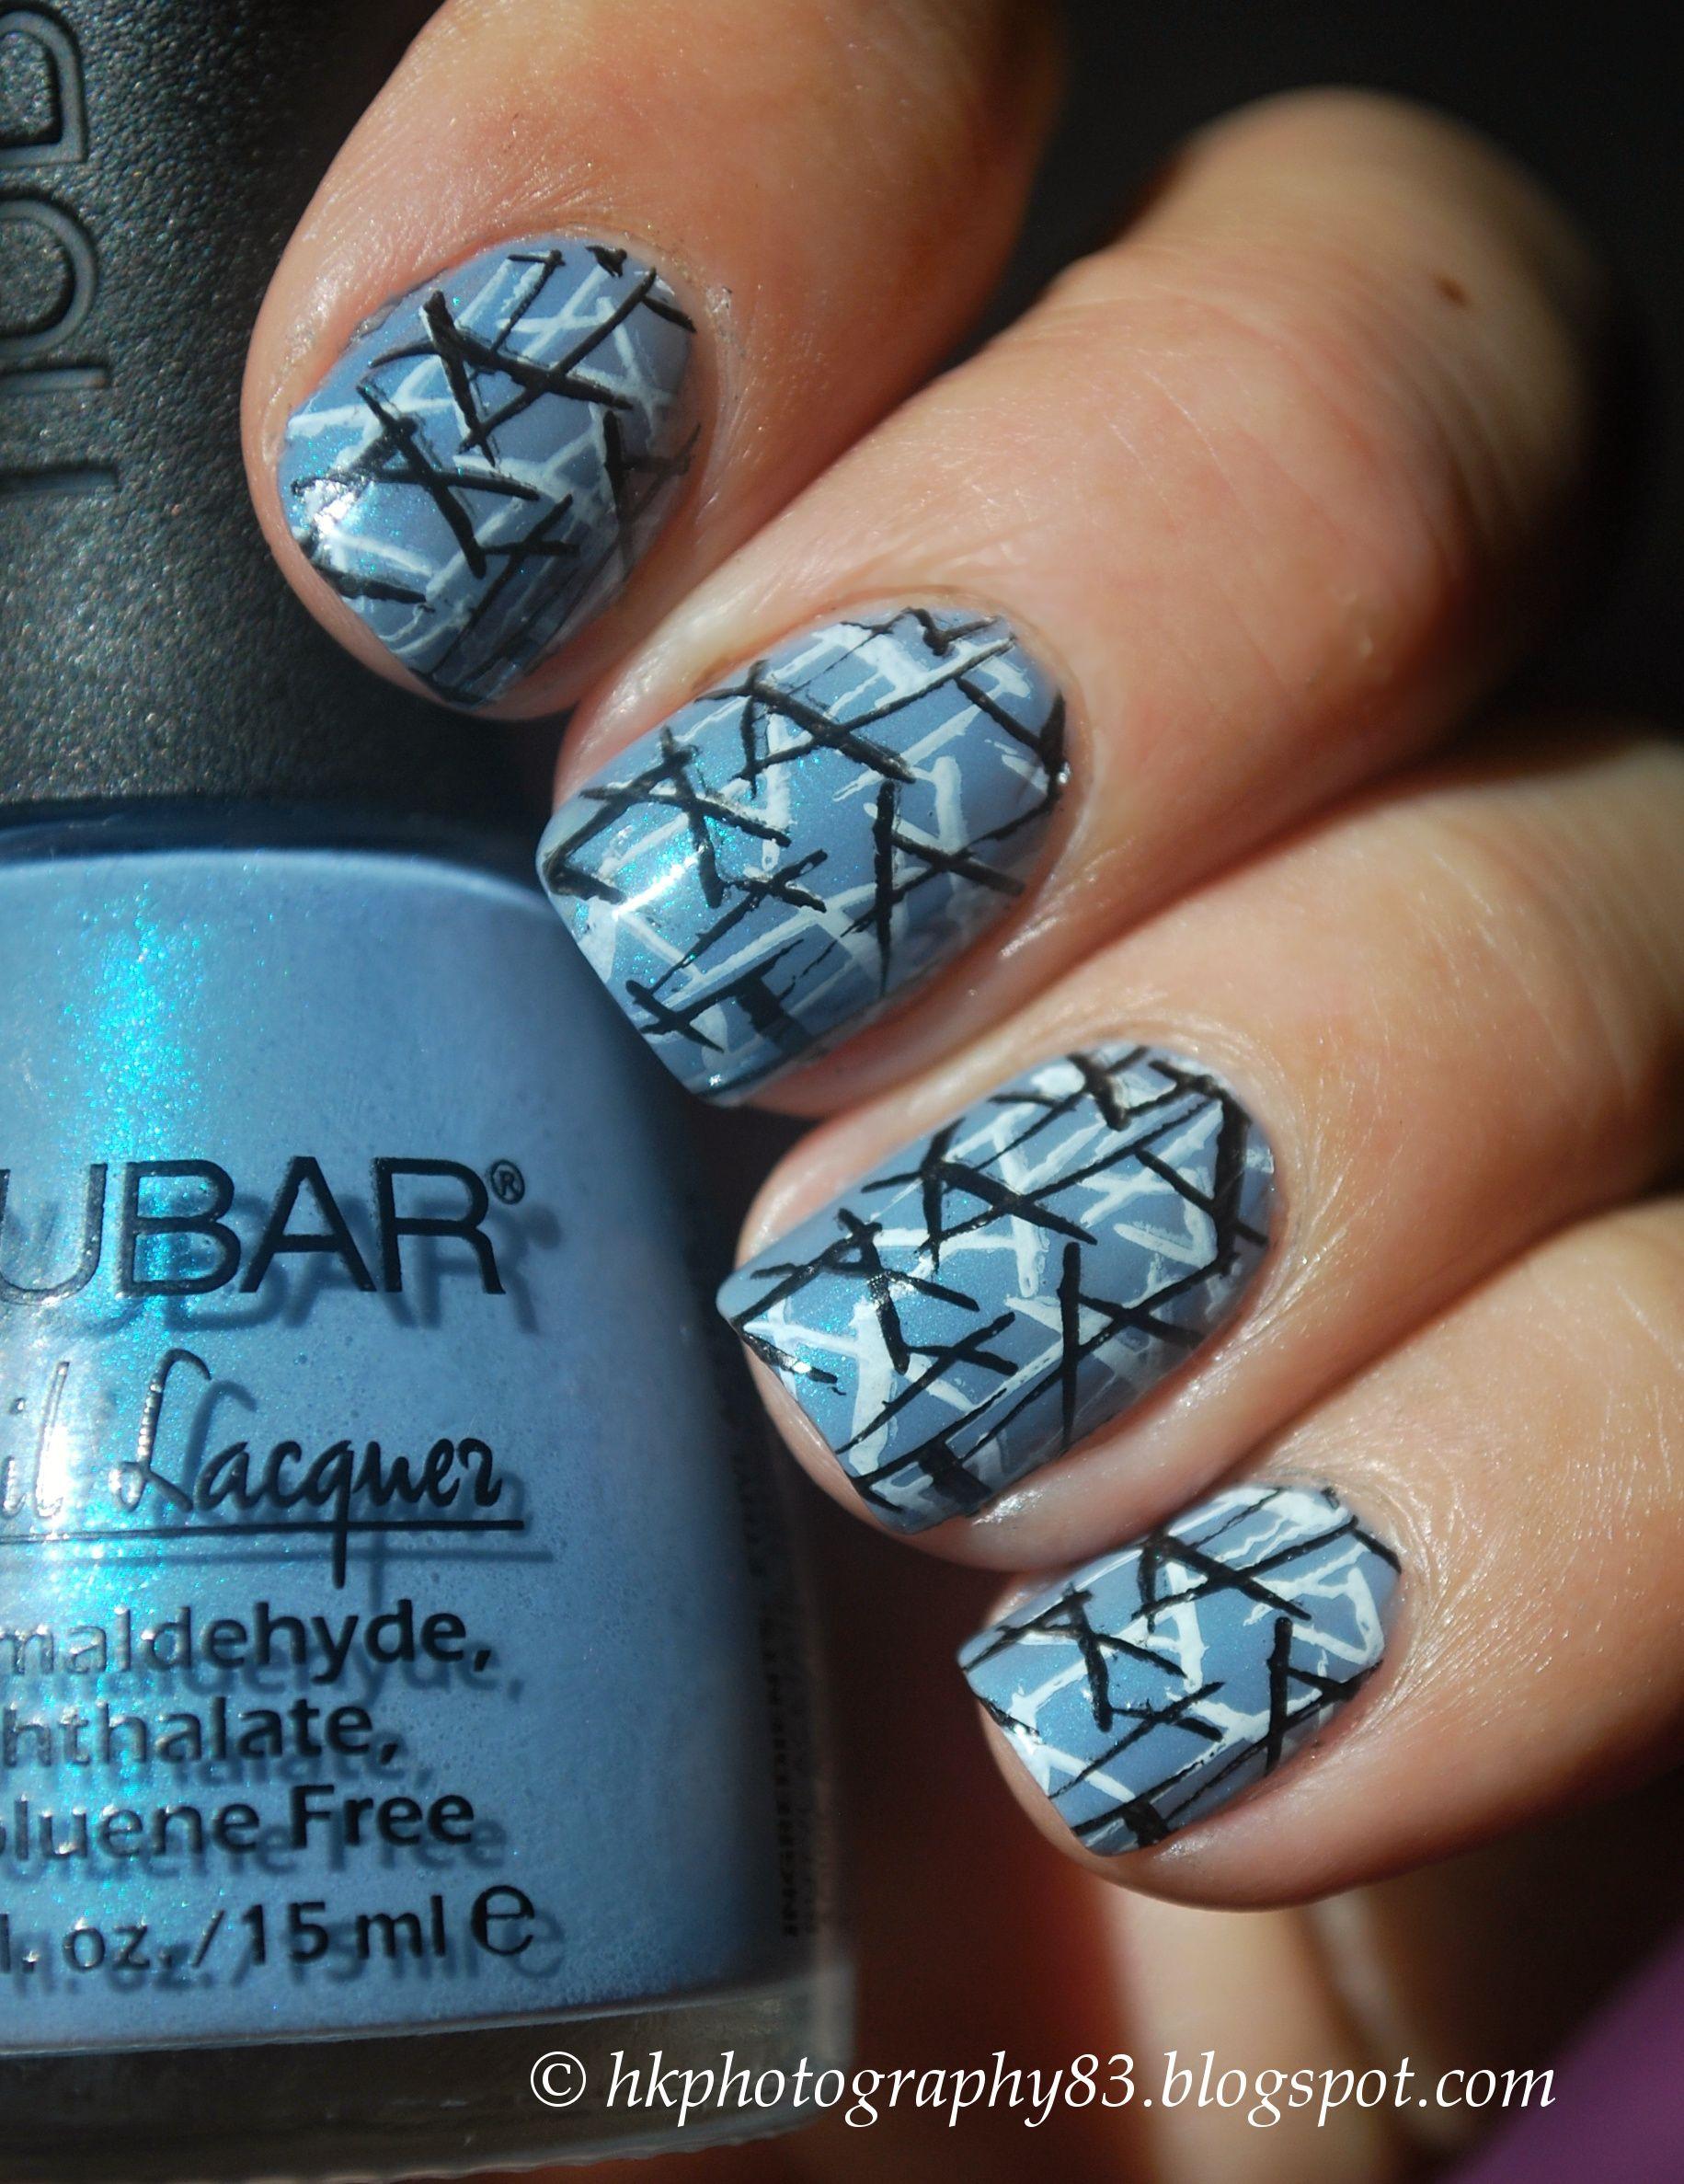 Double stamping stamping konad m nubar blog posts